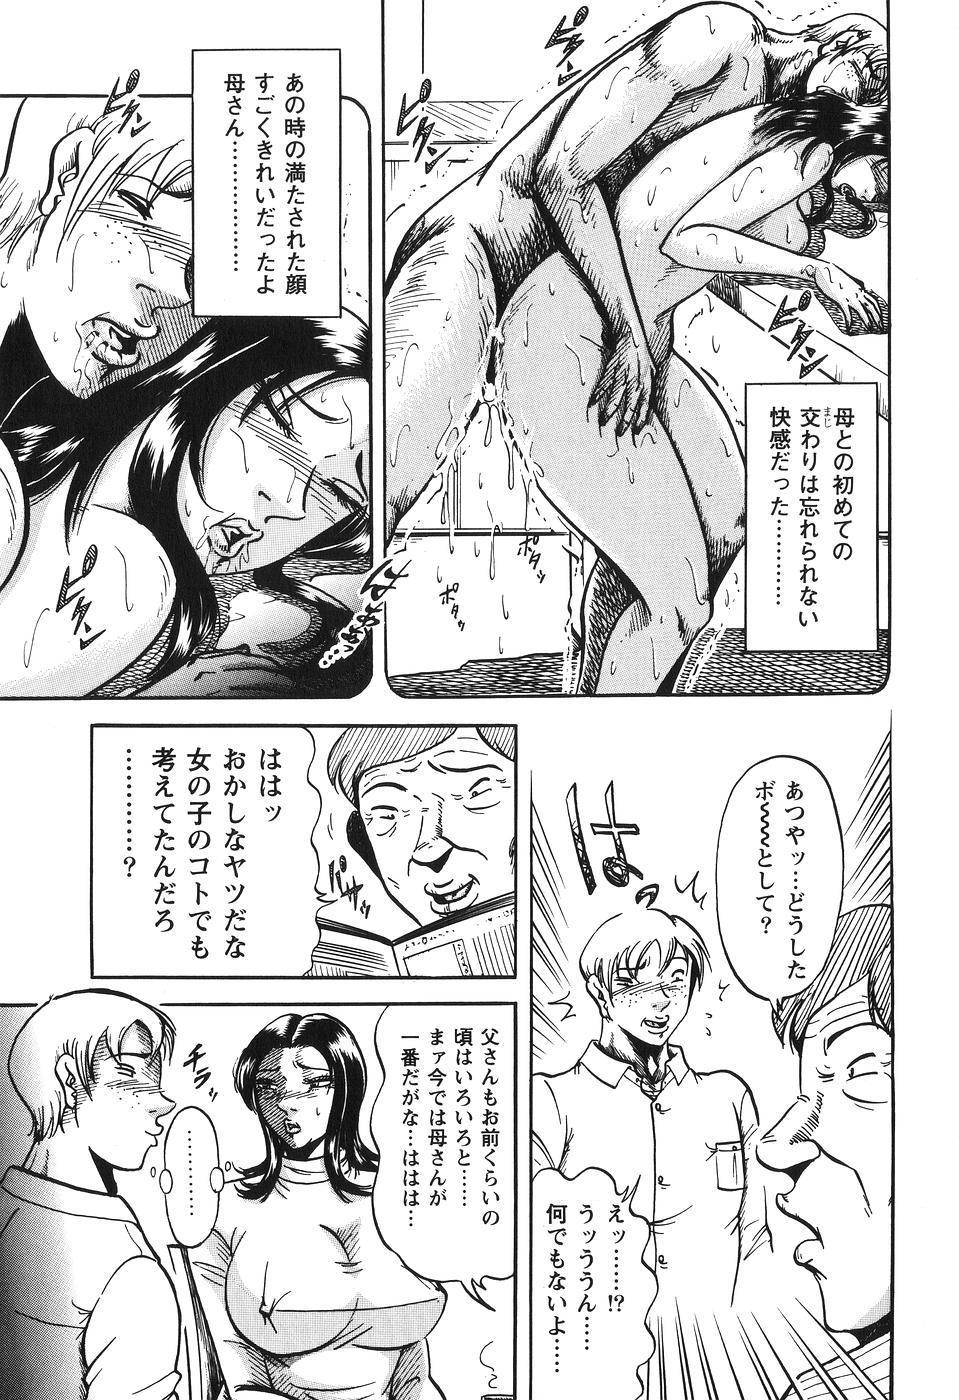 Jukubo Soukan Yosoji no Tawamure 132